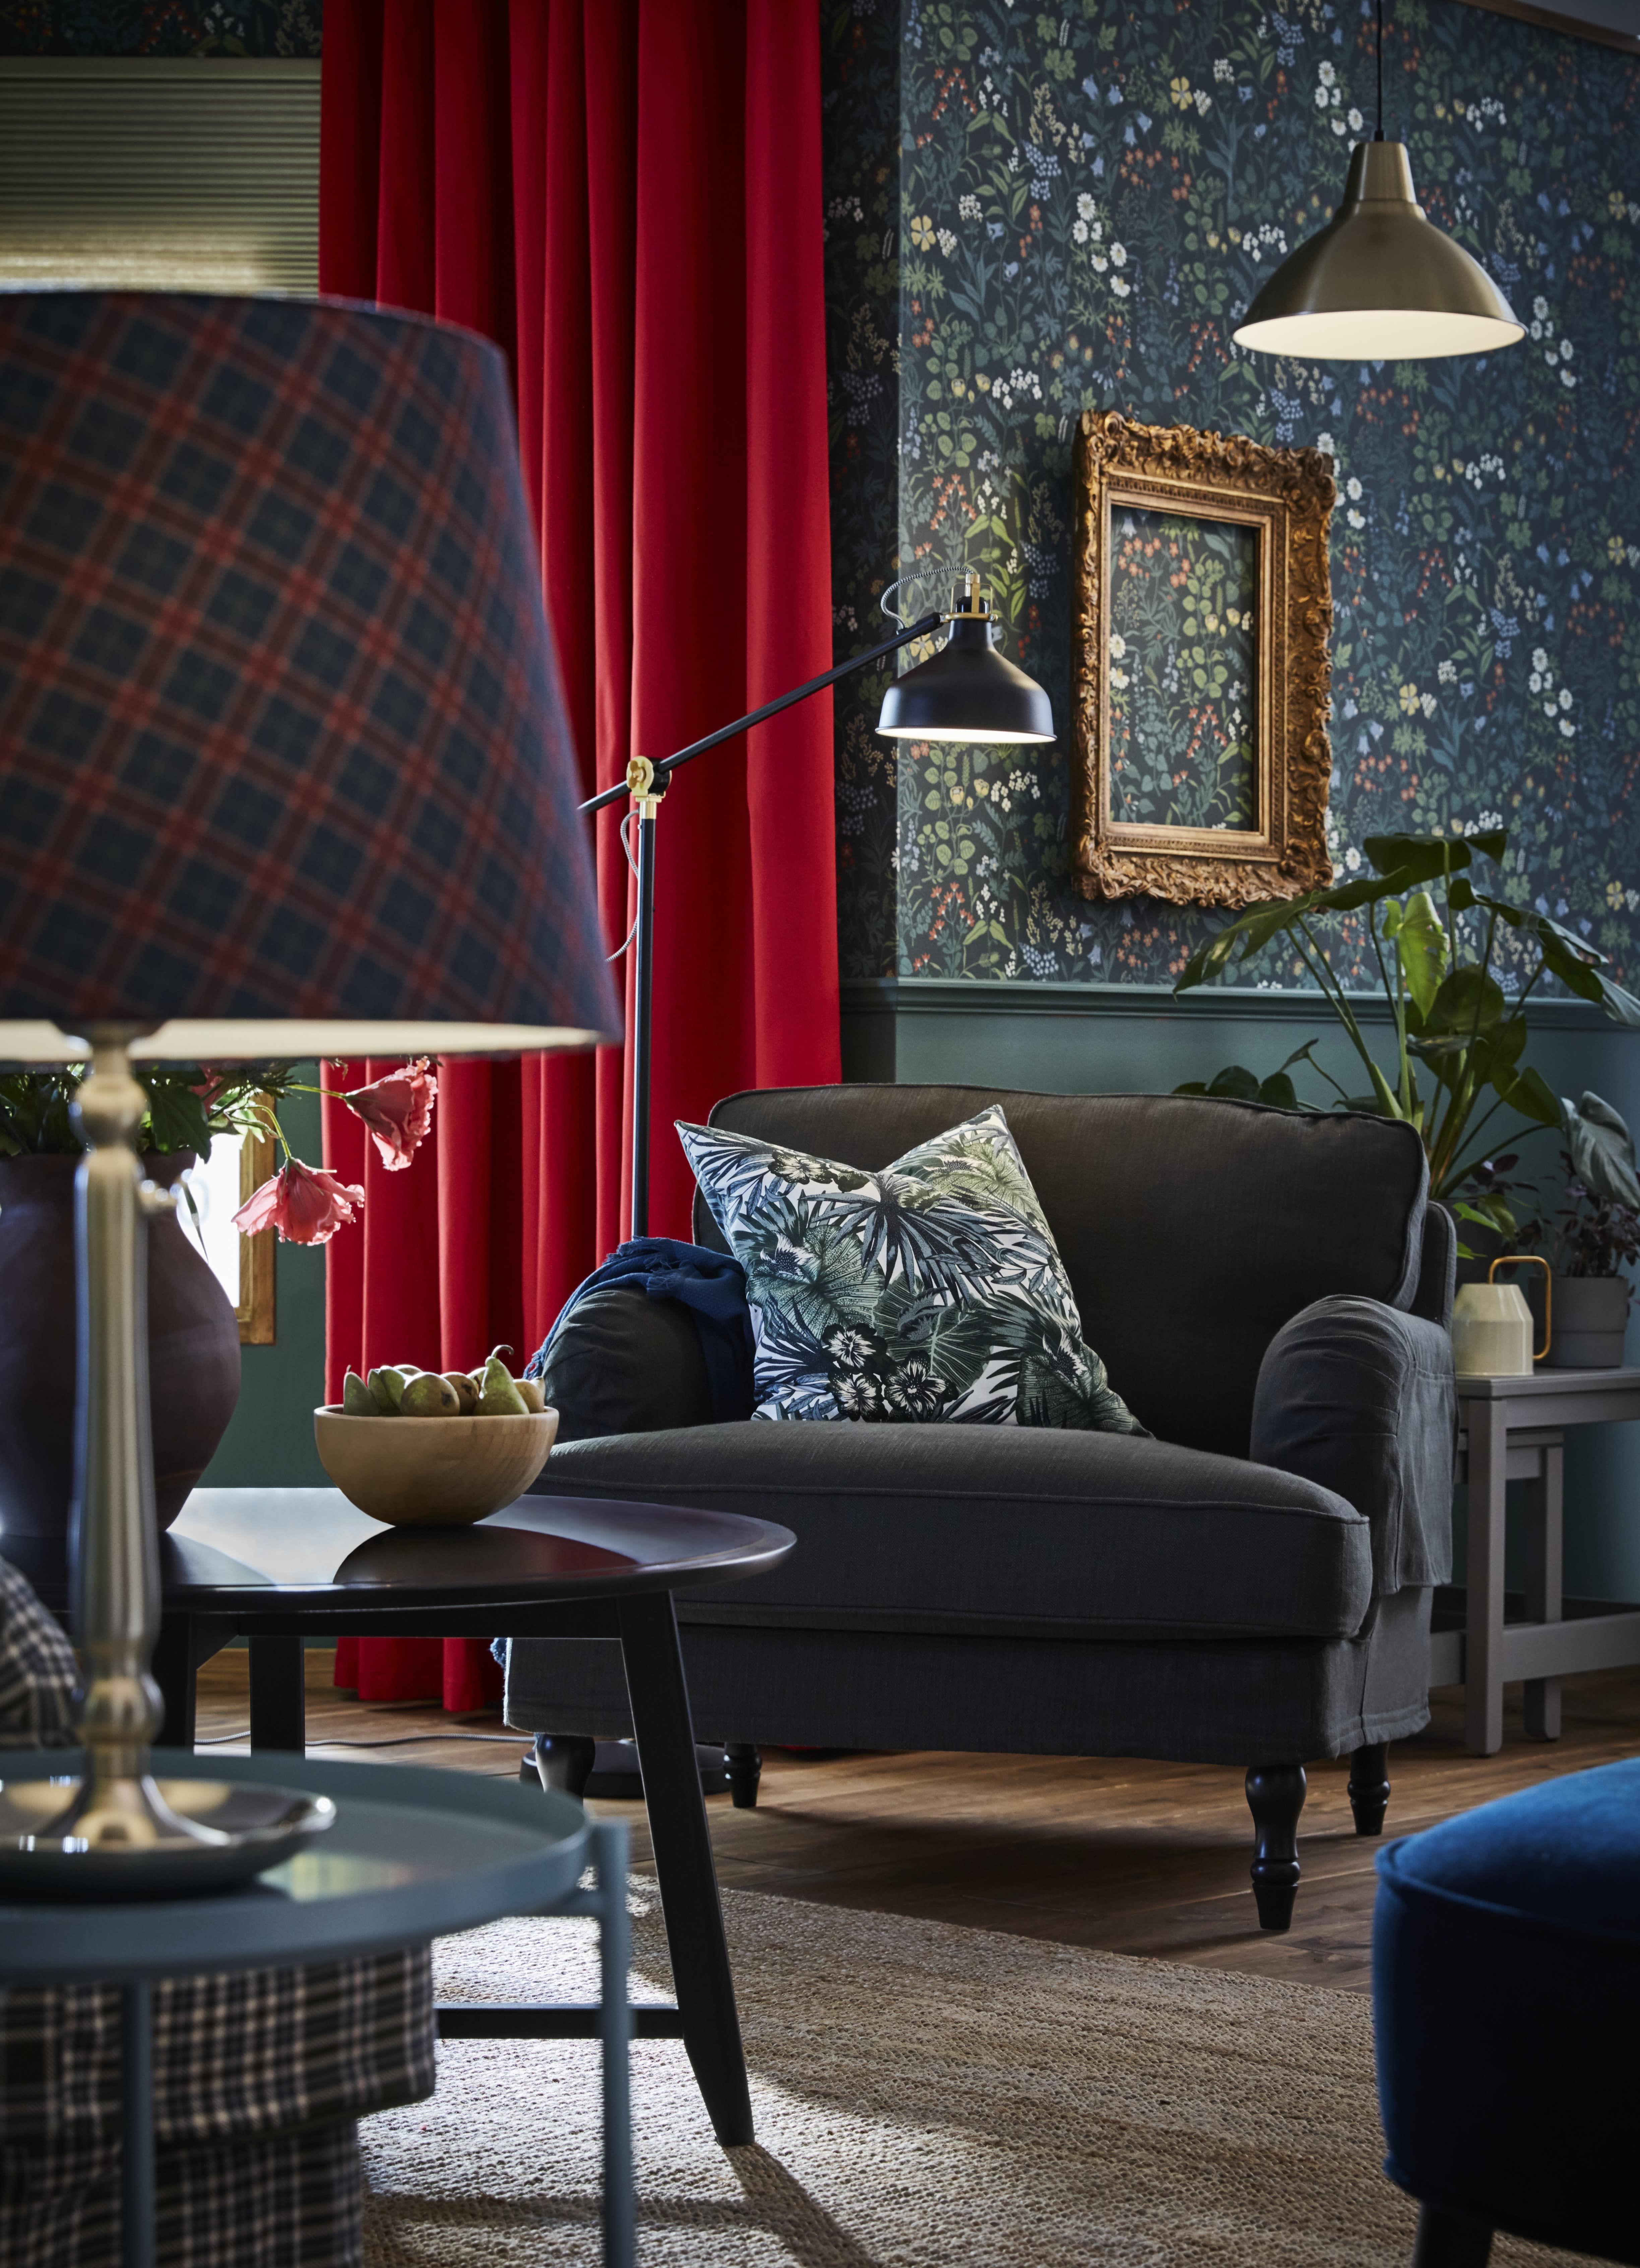 Design Your Room Online Ikea: Com - Compra Tus Muebles Y Decoración Online